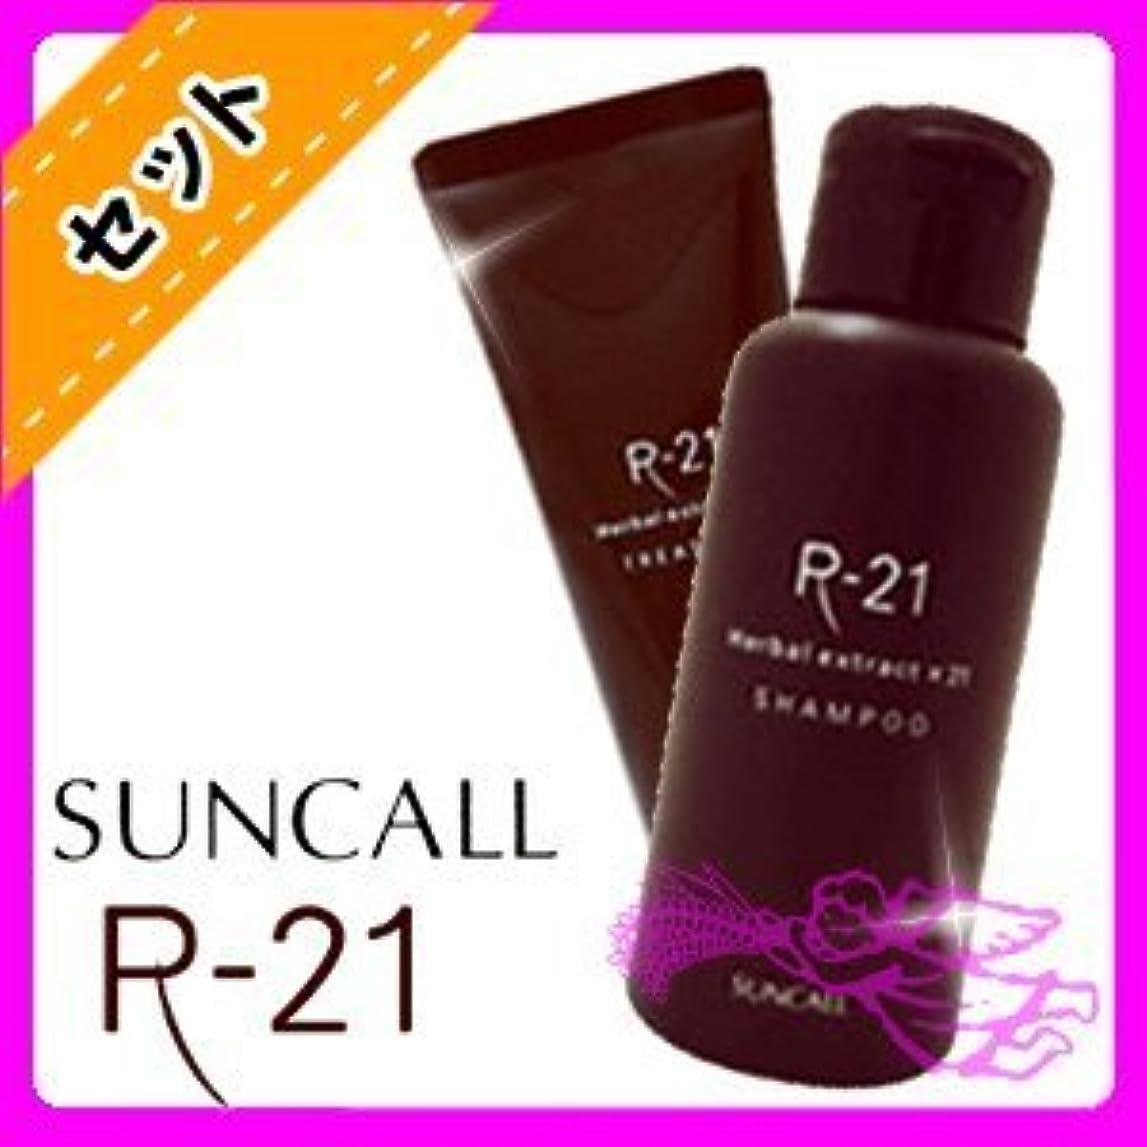 眉ピンクマトリックスサンコール R-21 シャンプー 50mL & トリートメント 50g セット 頭皮の汚れを除去し、髪にハリ?コシを与えます SUNCALL R-21